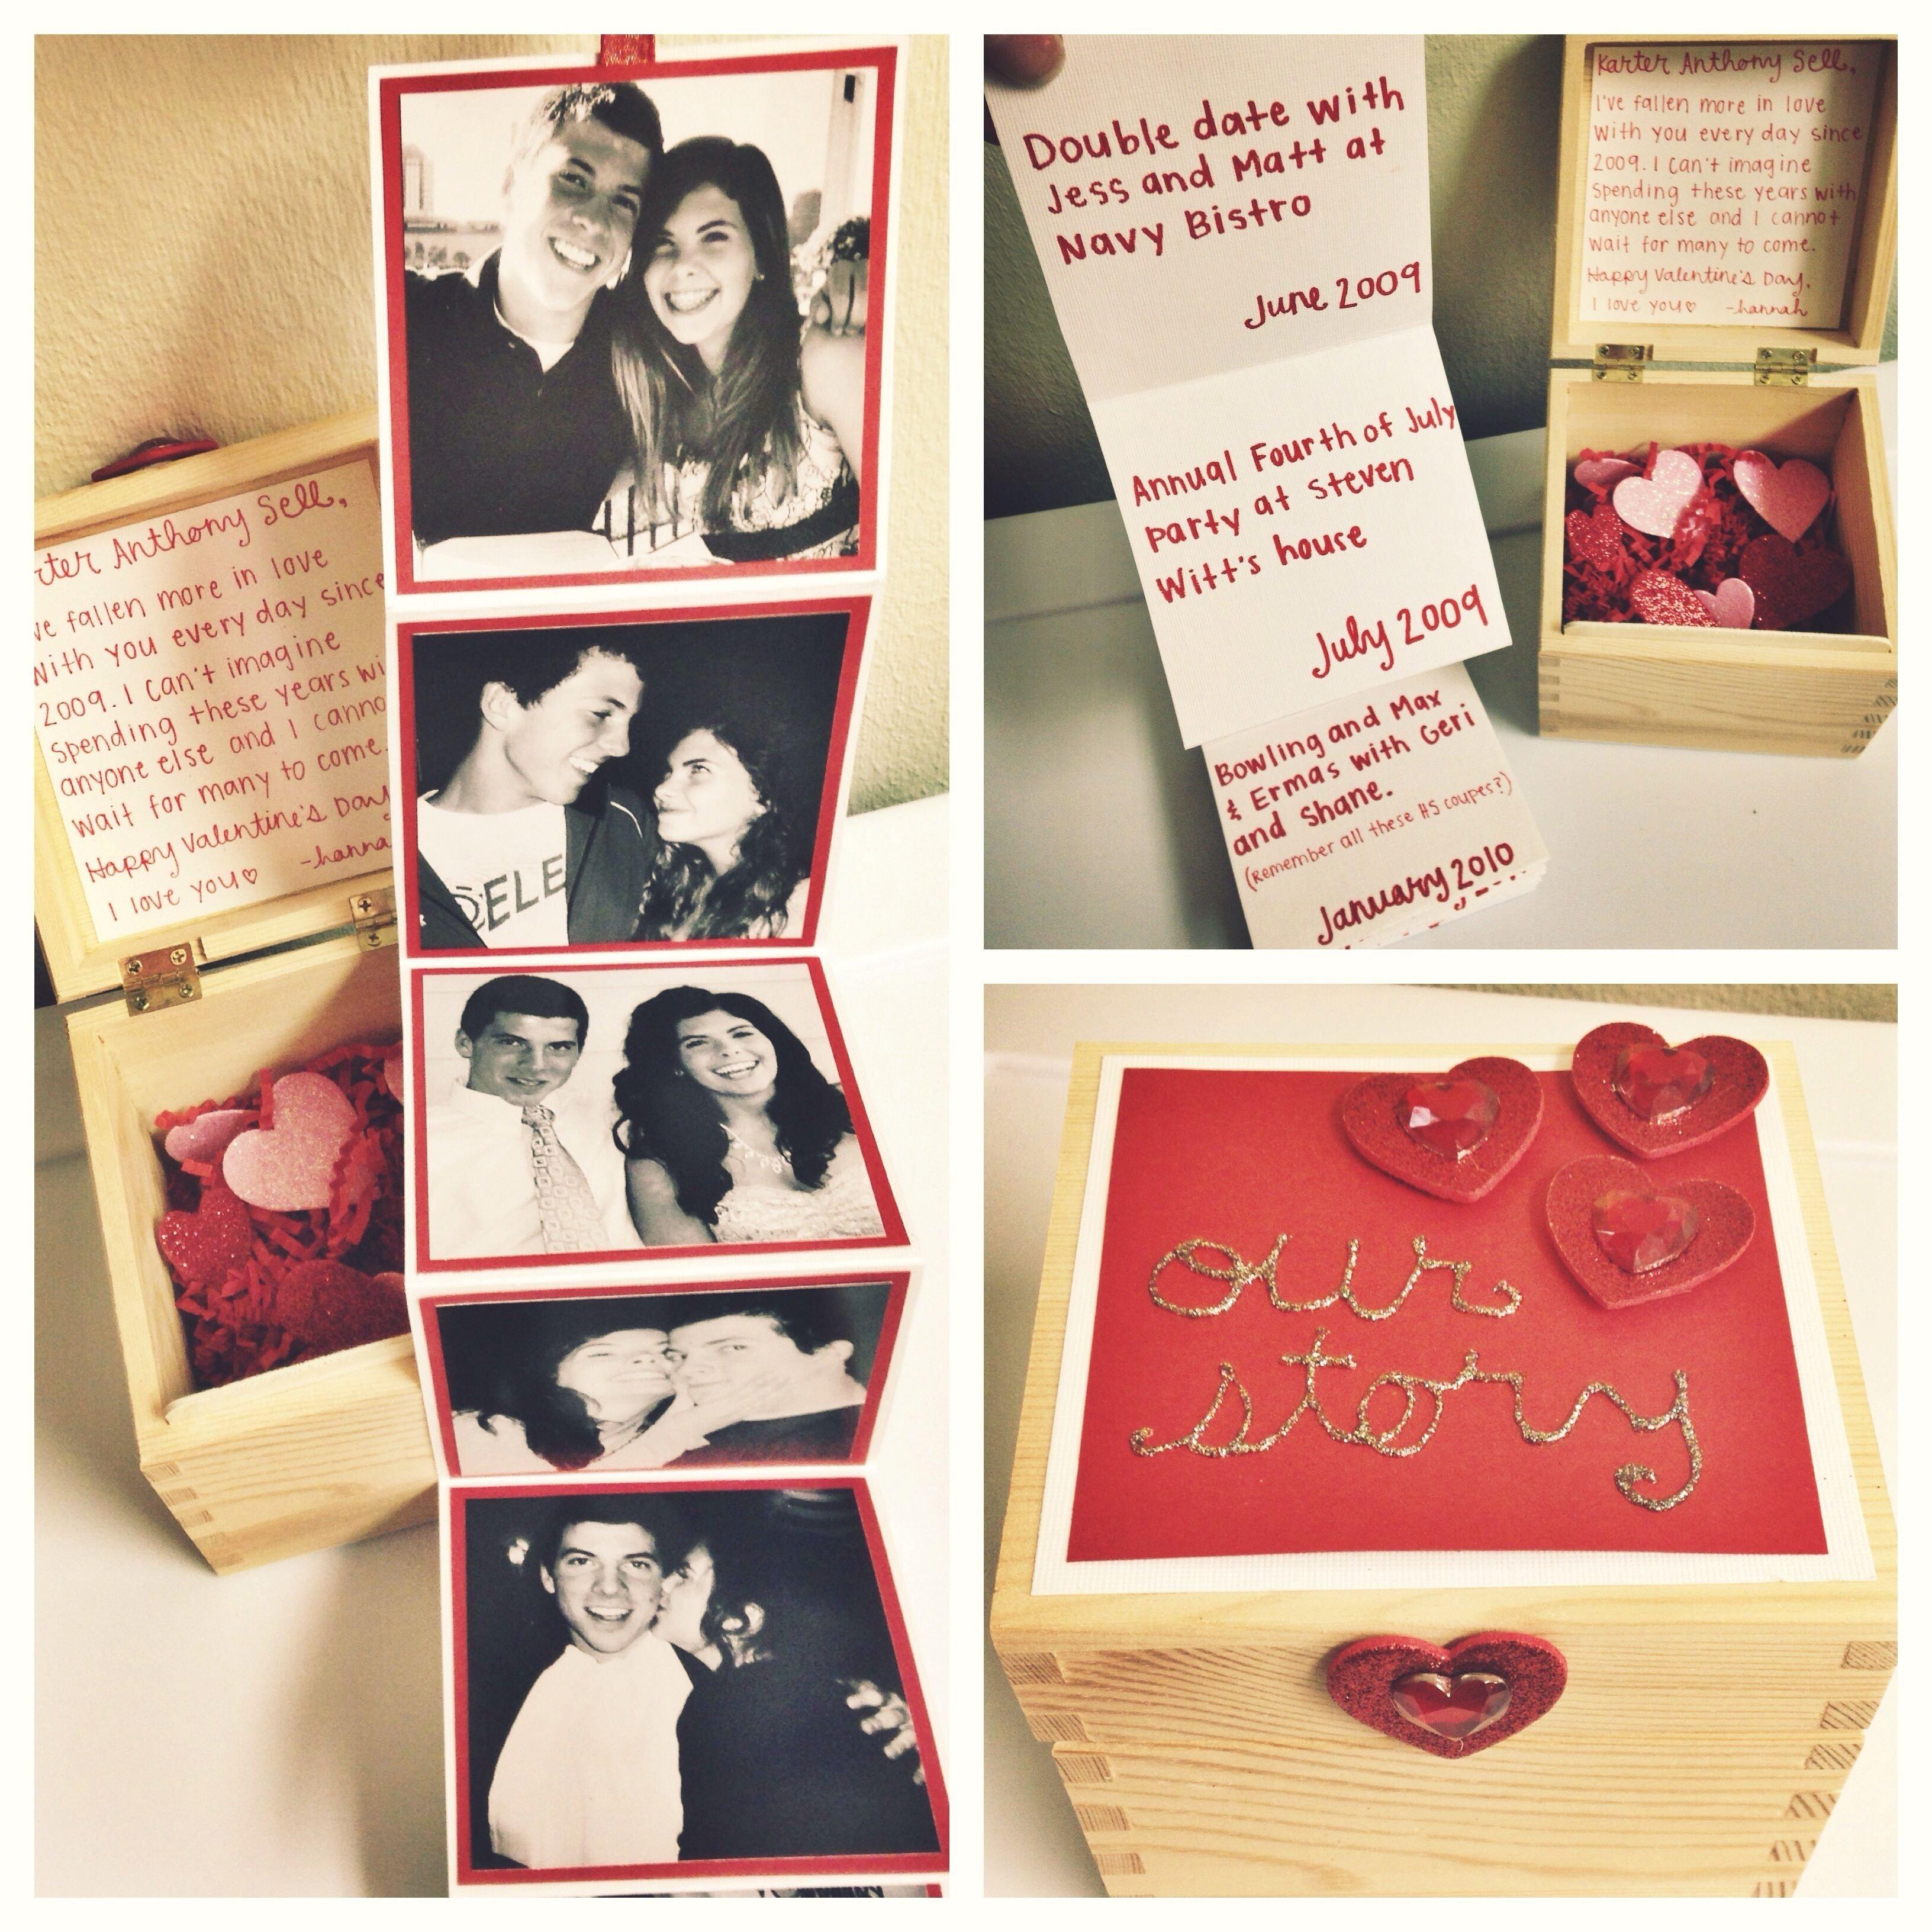 10 Stylish Homemade Birthday Ideas For Boyfriend 55 diy valentine gifts for him boyfriends anniversaries and timeline 2021